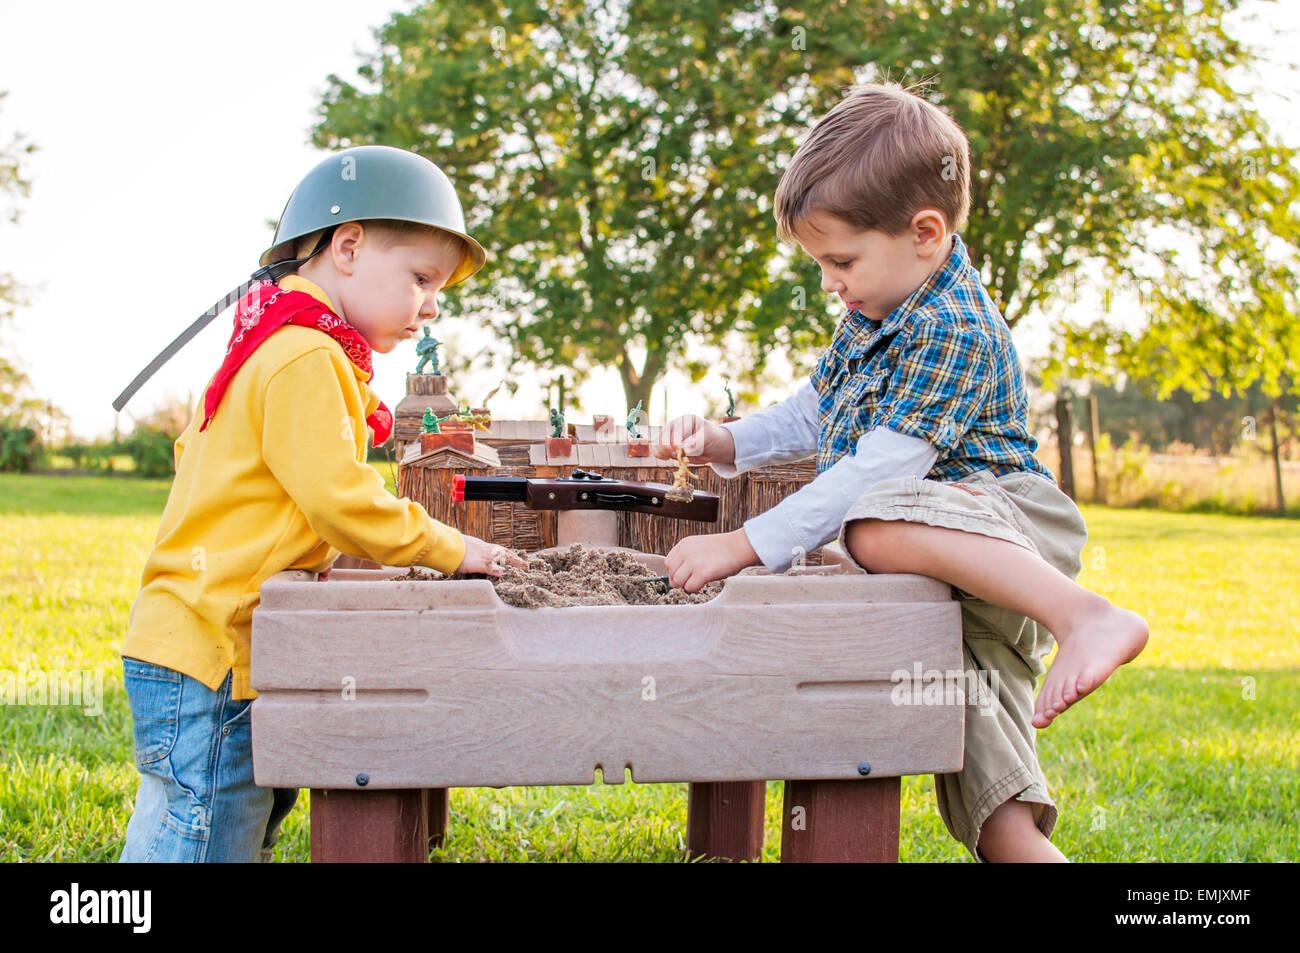 zwei Jungs spielen Fort im Sandkasten Stockbild